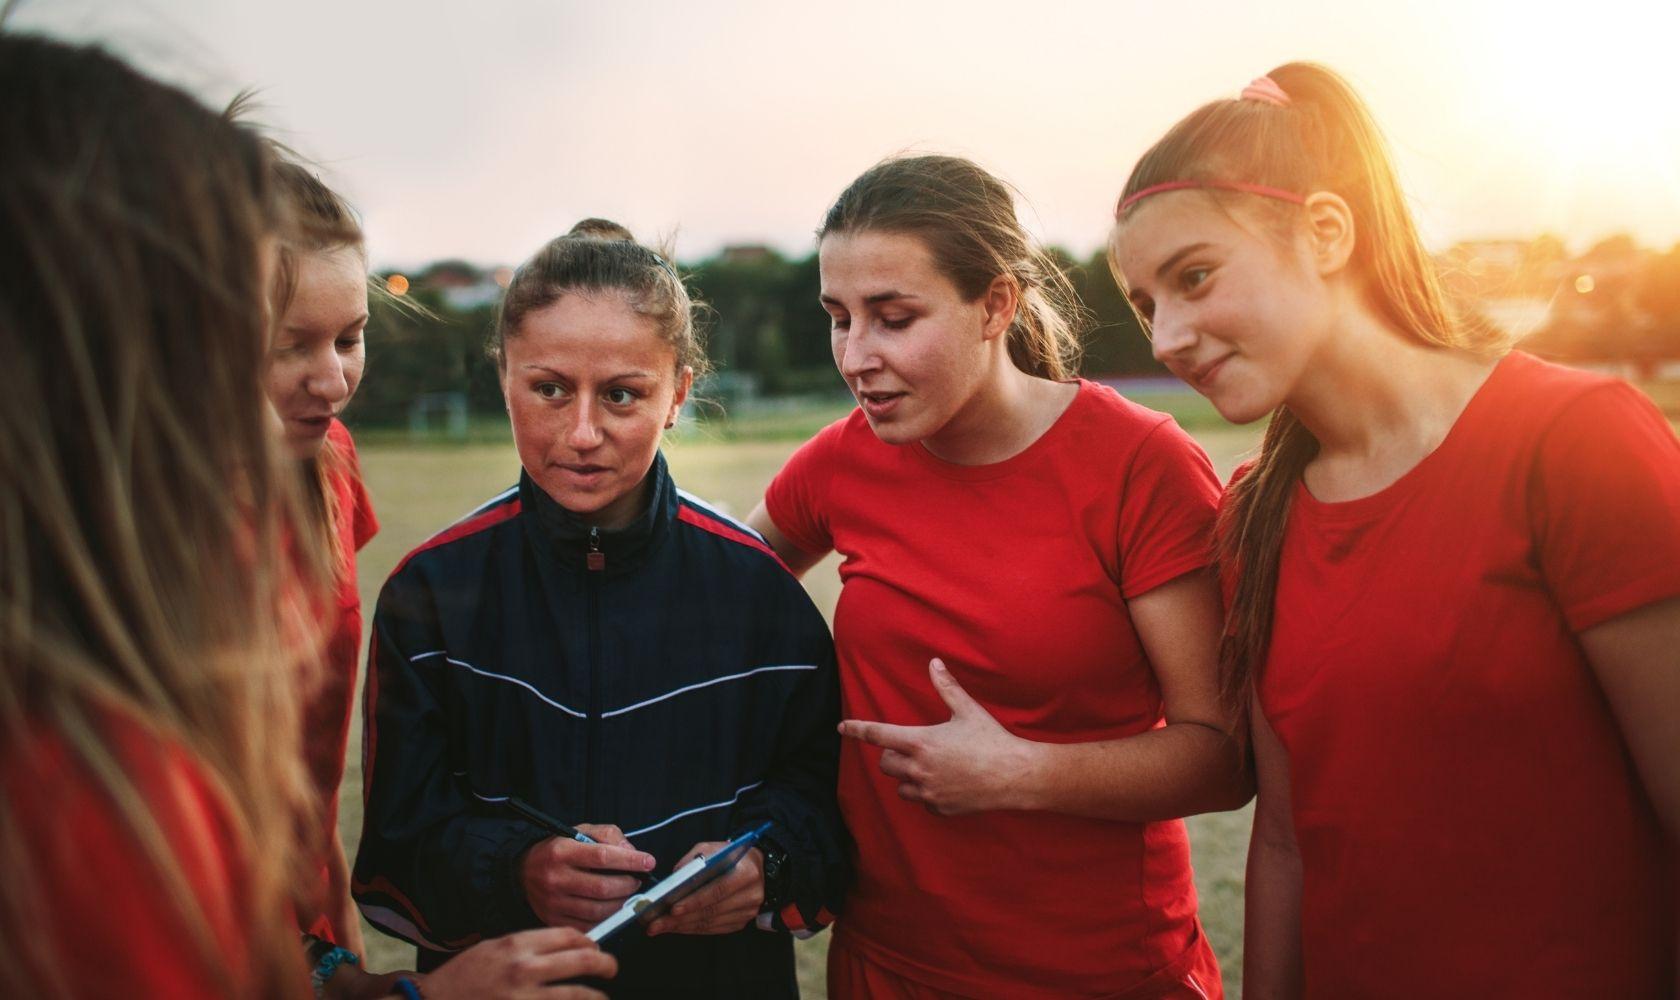 Webinar ReplaY: Raising the bar in coaching youth sport